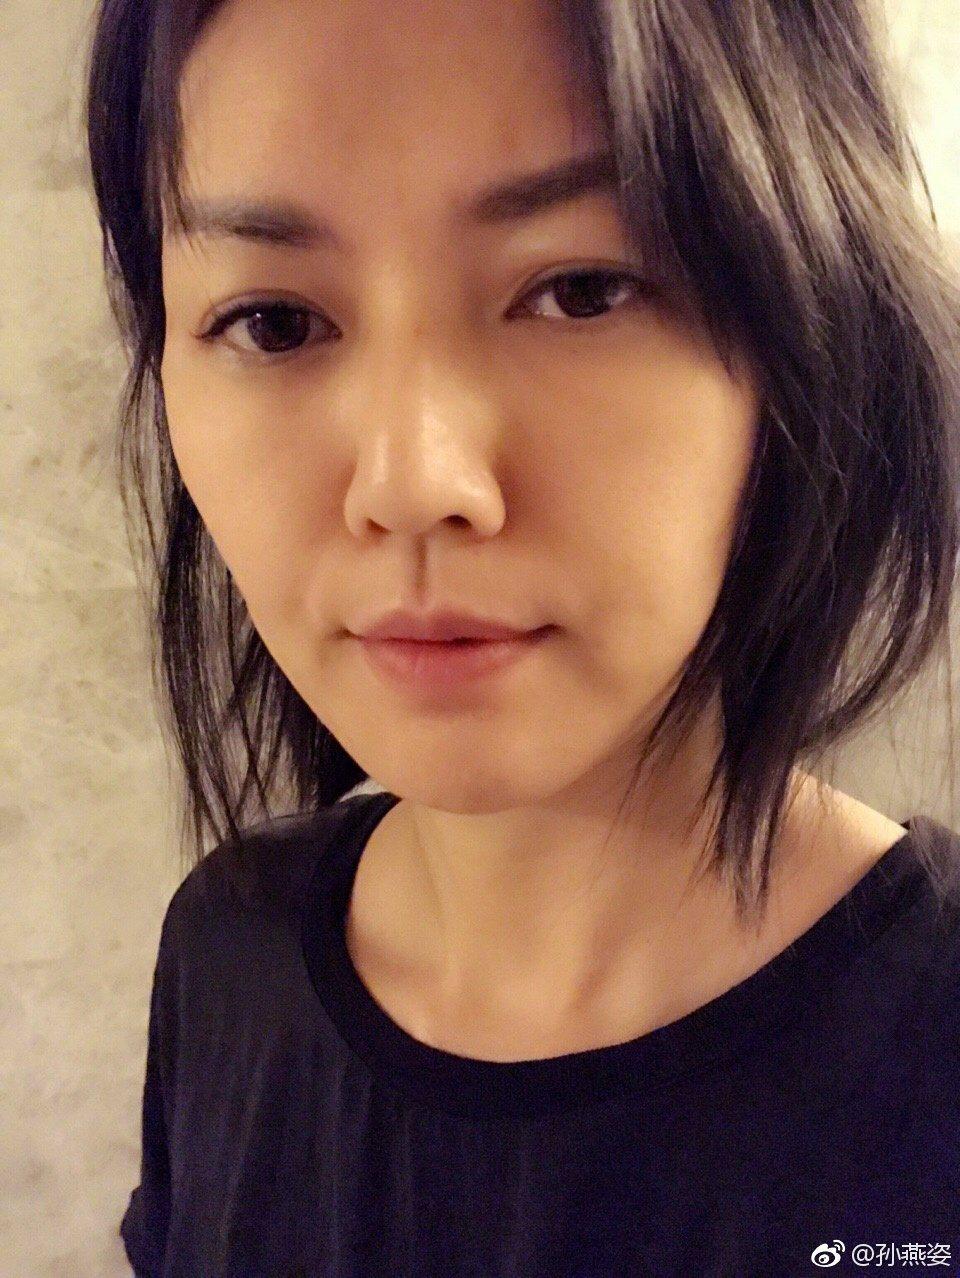 孫燕姿10日曝光了張自拍照,照片中的她凍齡就像剛出道時的模樣。 圖/擷自微博